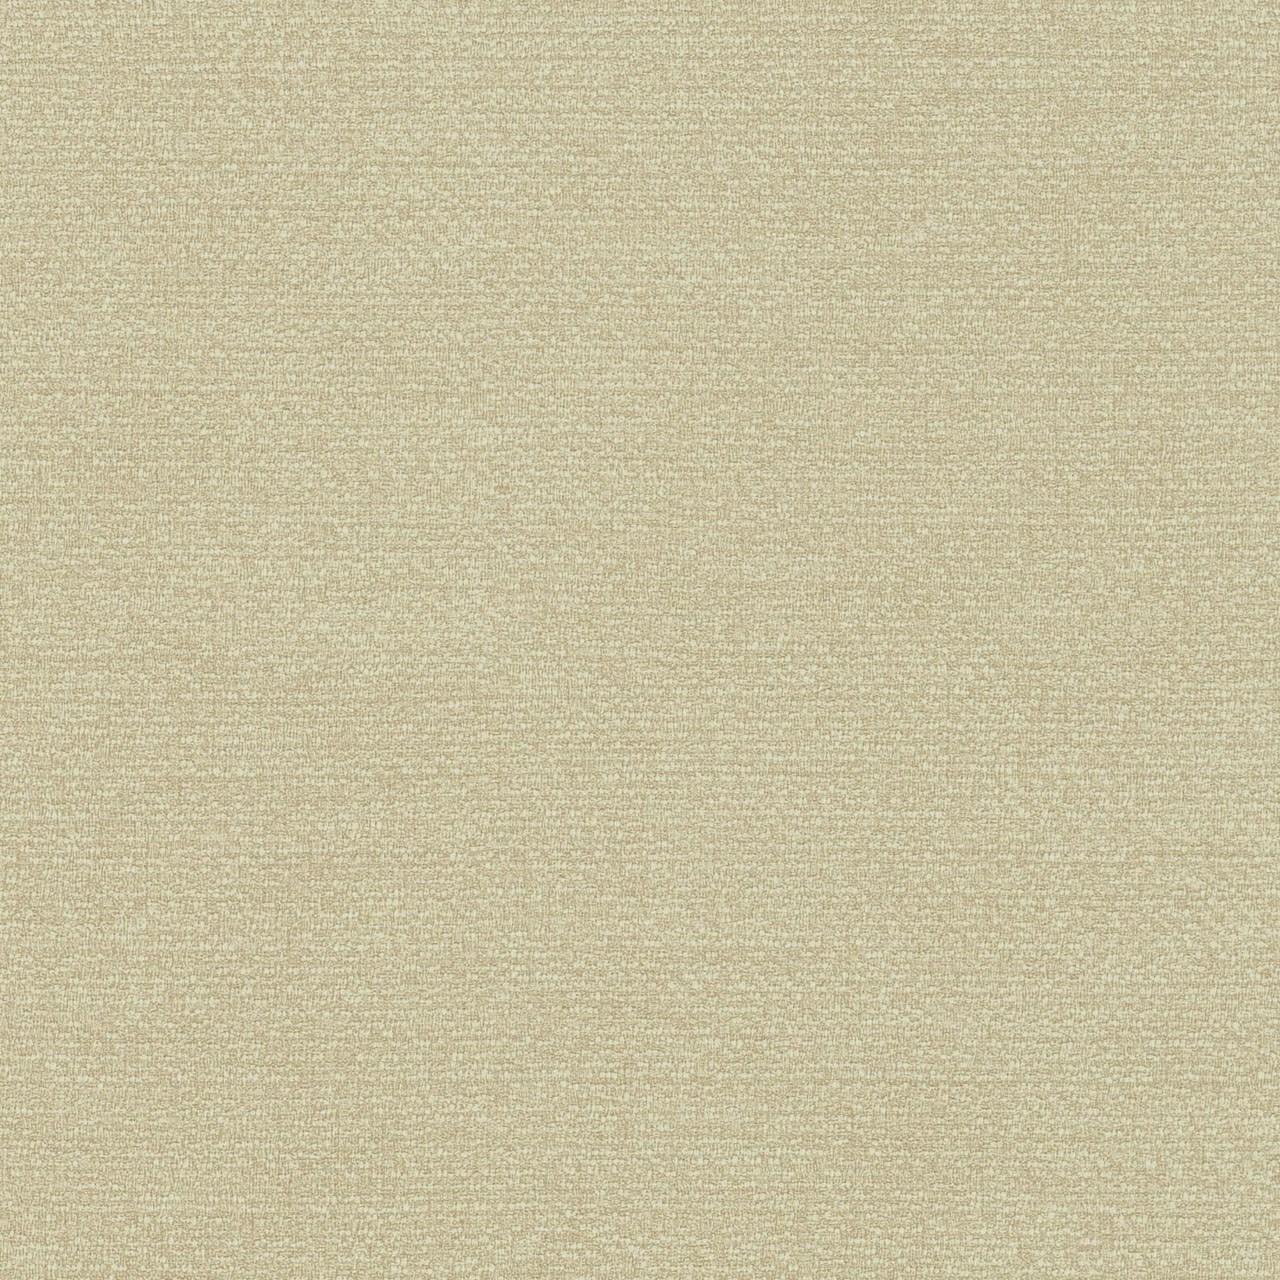 کاغذ دیواری داموس پاراتی میلانو آلبوم گرین کازا 1 مدل 41239